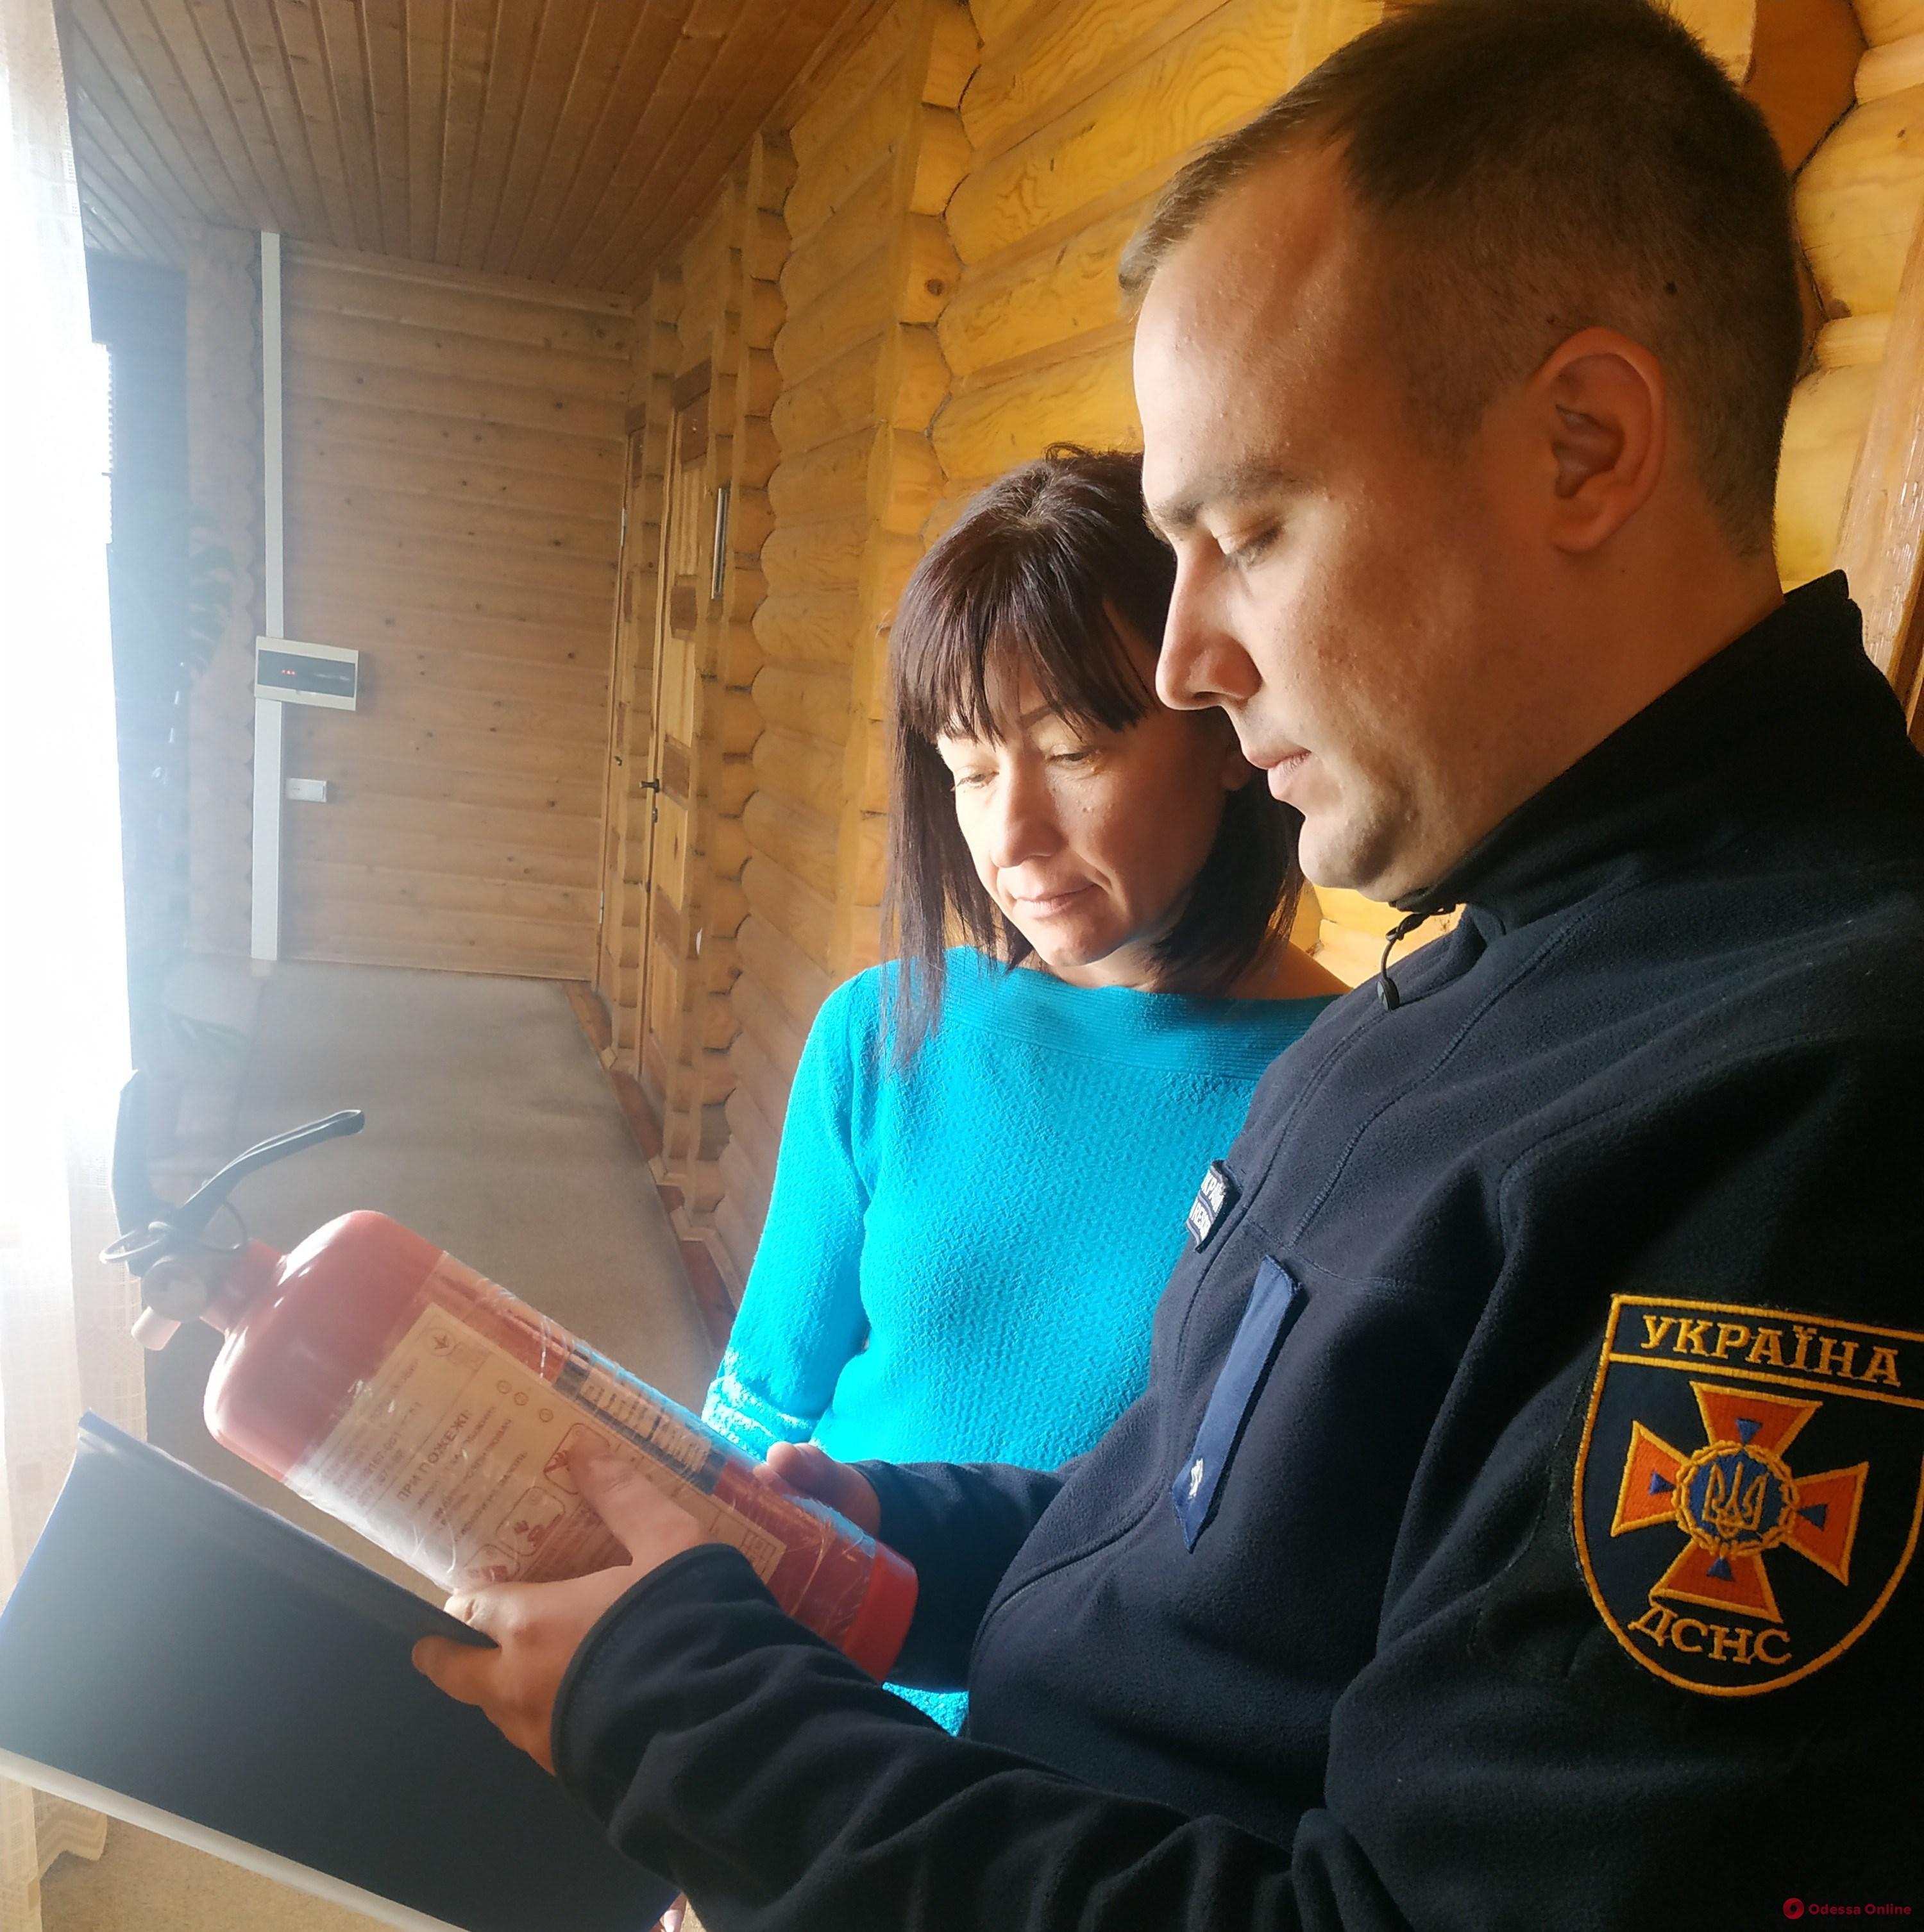 В Одесской области инспекторы уже проверили 446 гостиниц и санаториев